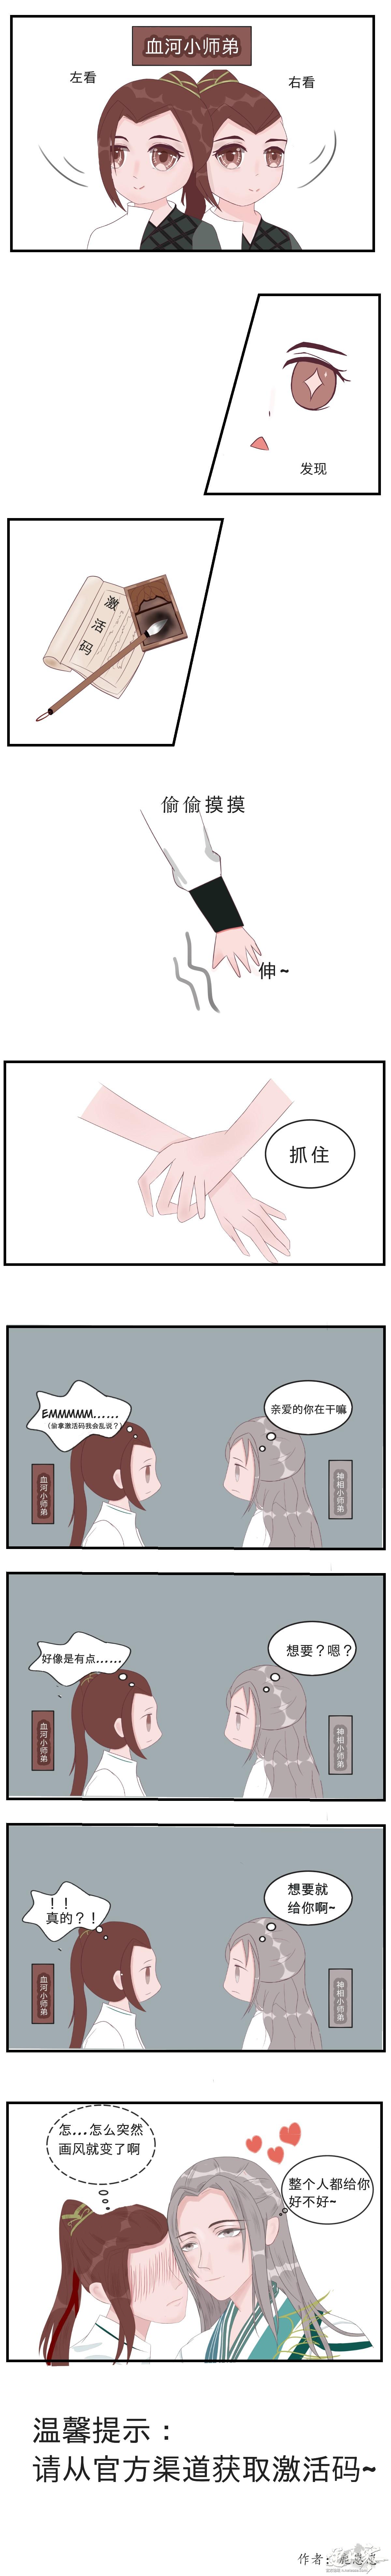 【自在门】【手绘漫画】血神cp之今天你拿激活码了吗